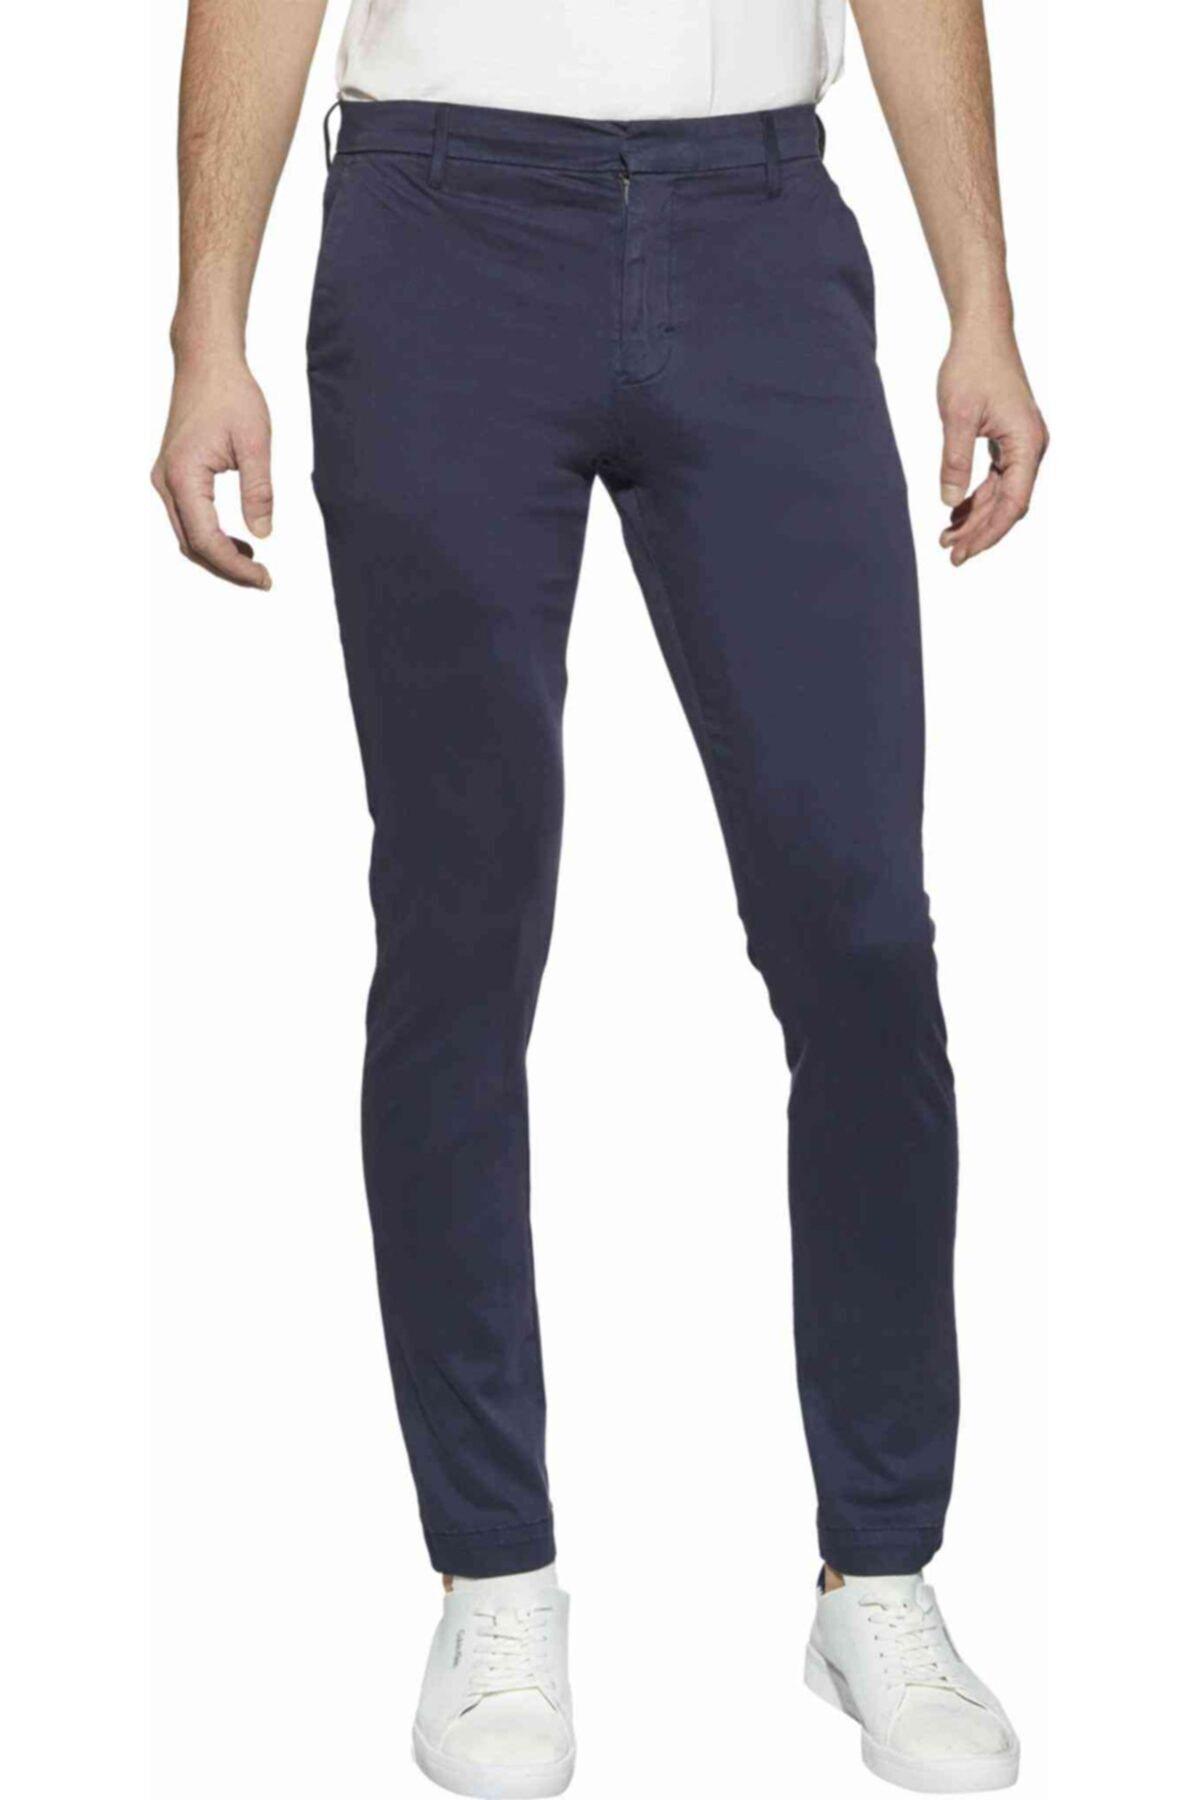 Calvin Klein Ck Erkek Slım Chıno Stretch Pantolon 2